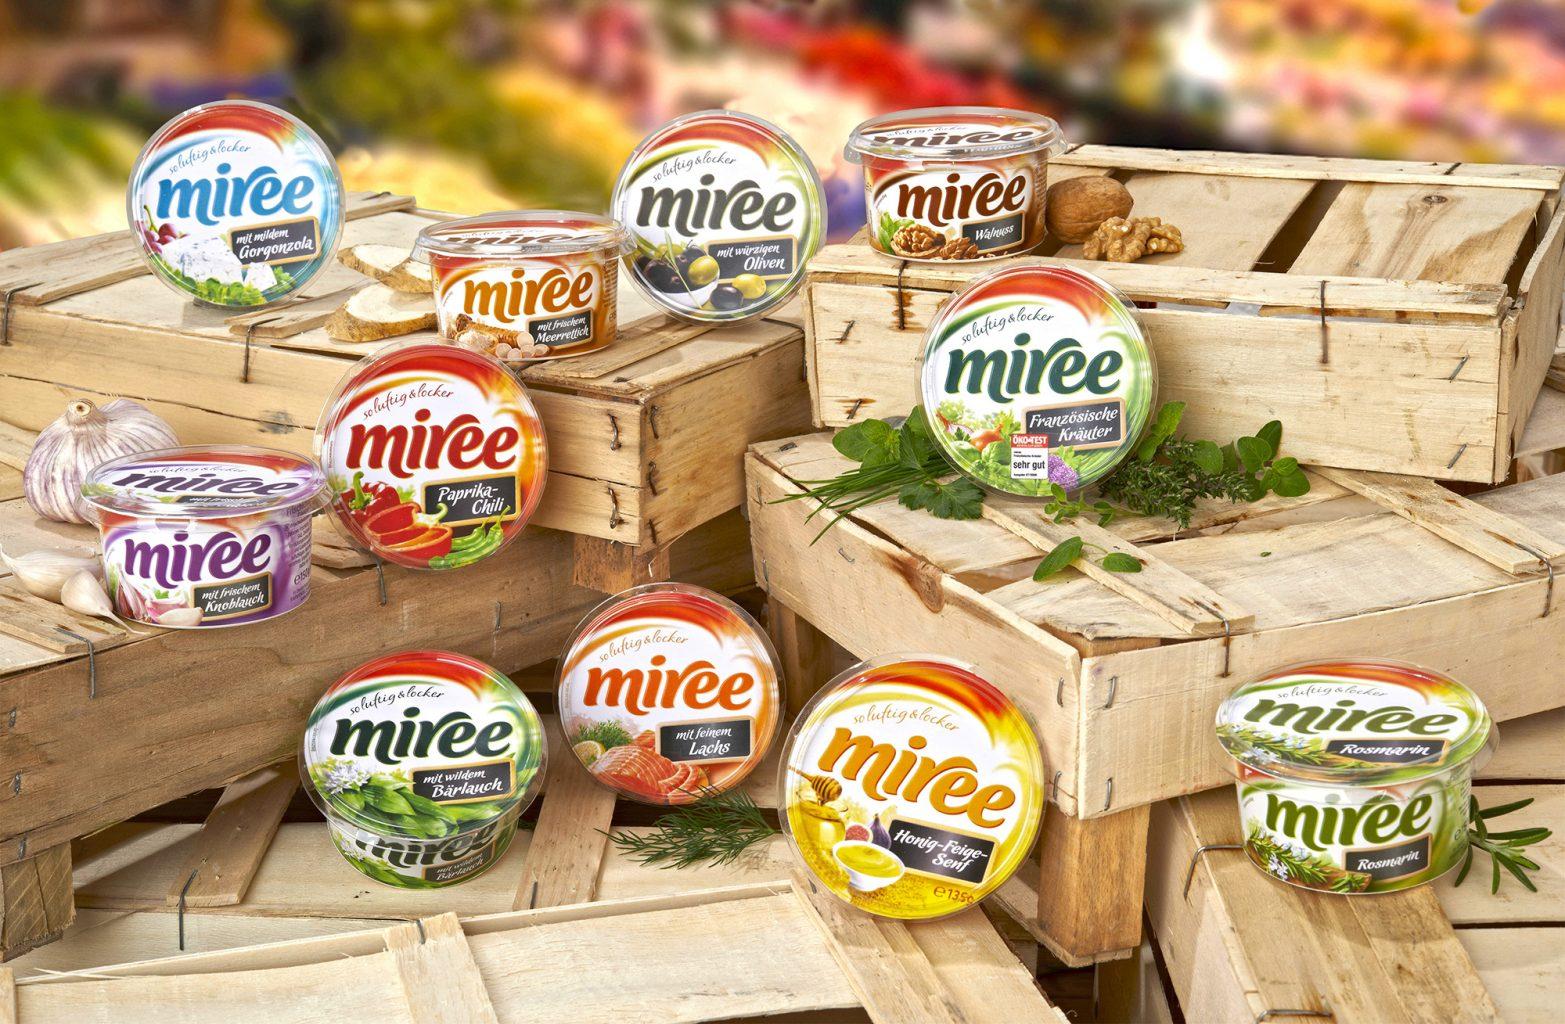 miree_Ambientebild_alle Produkte